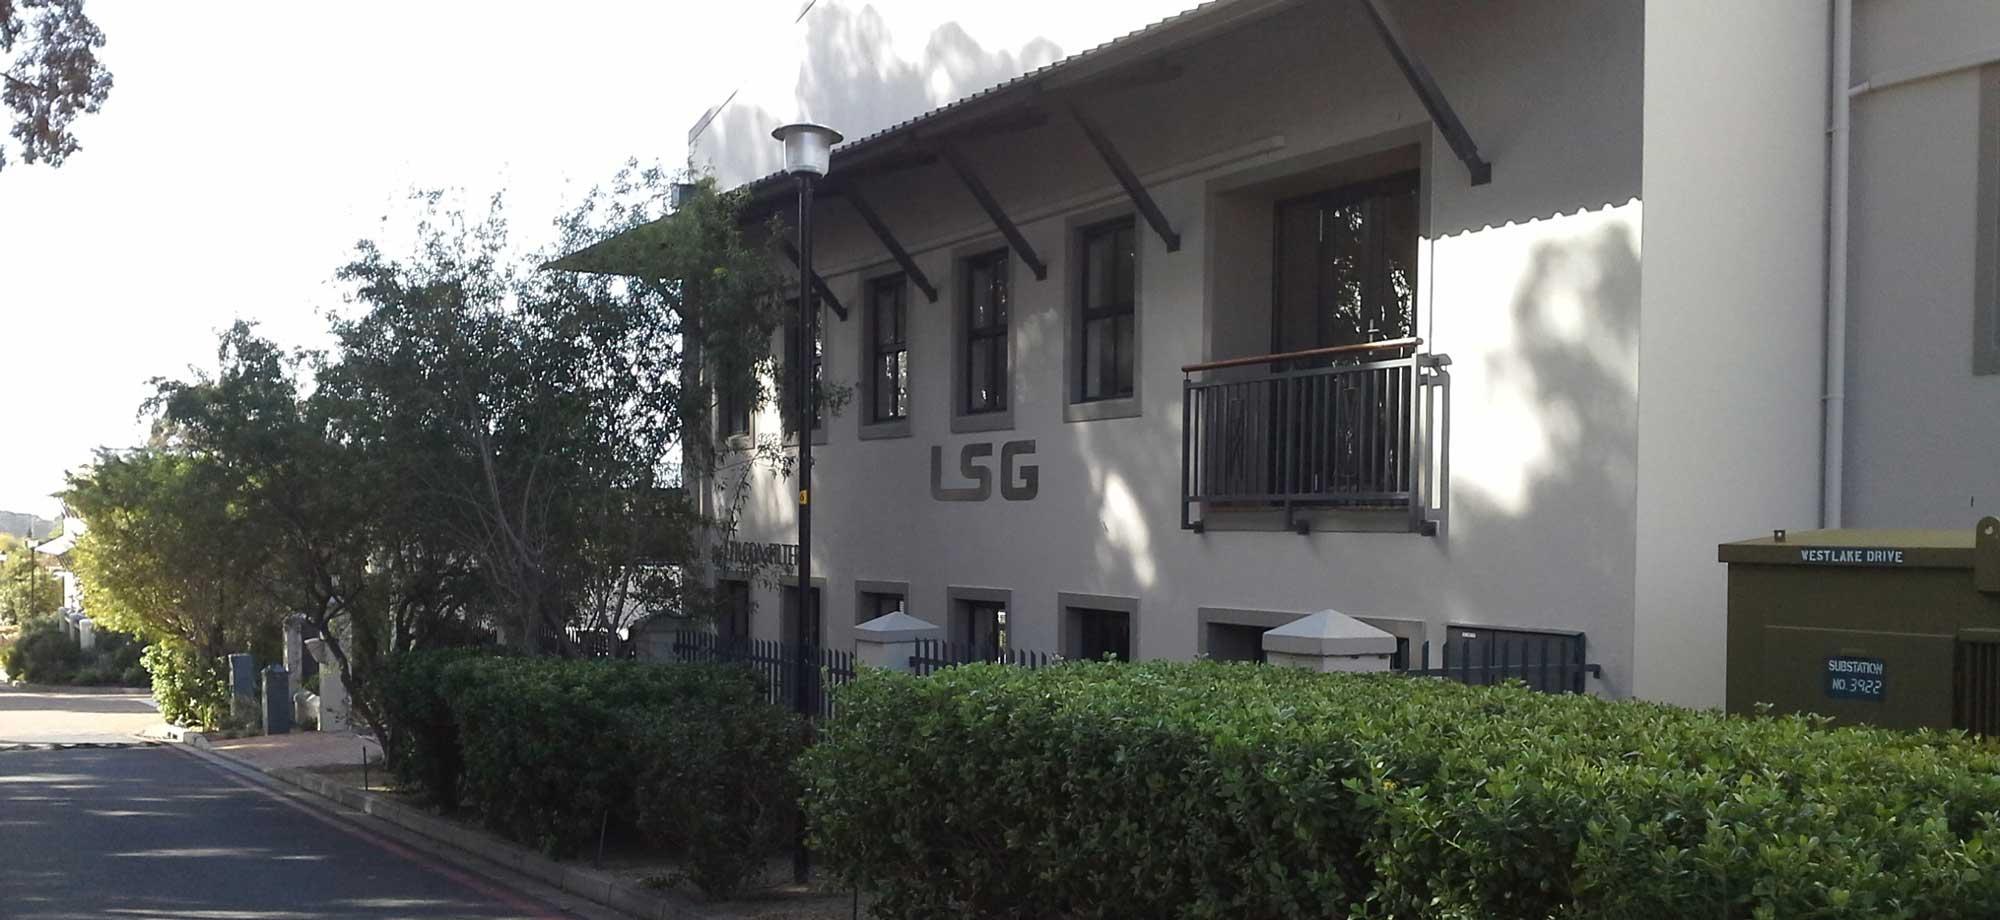 LSG Office